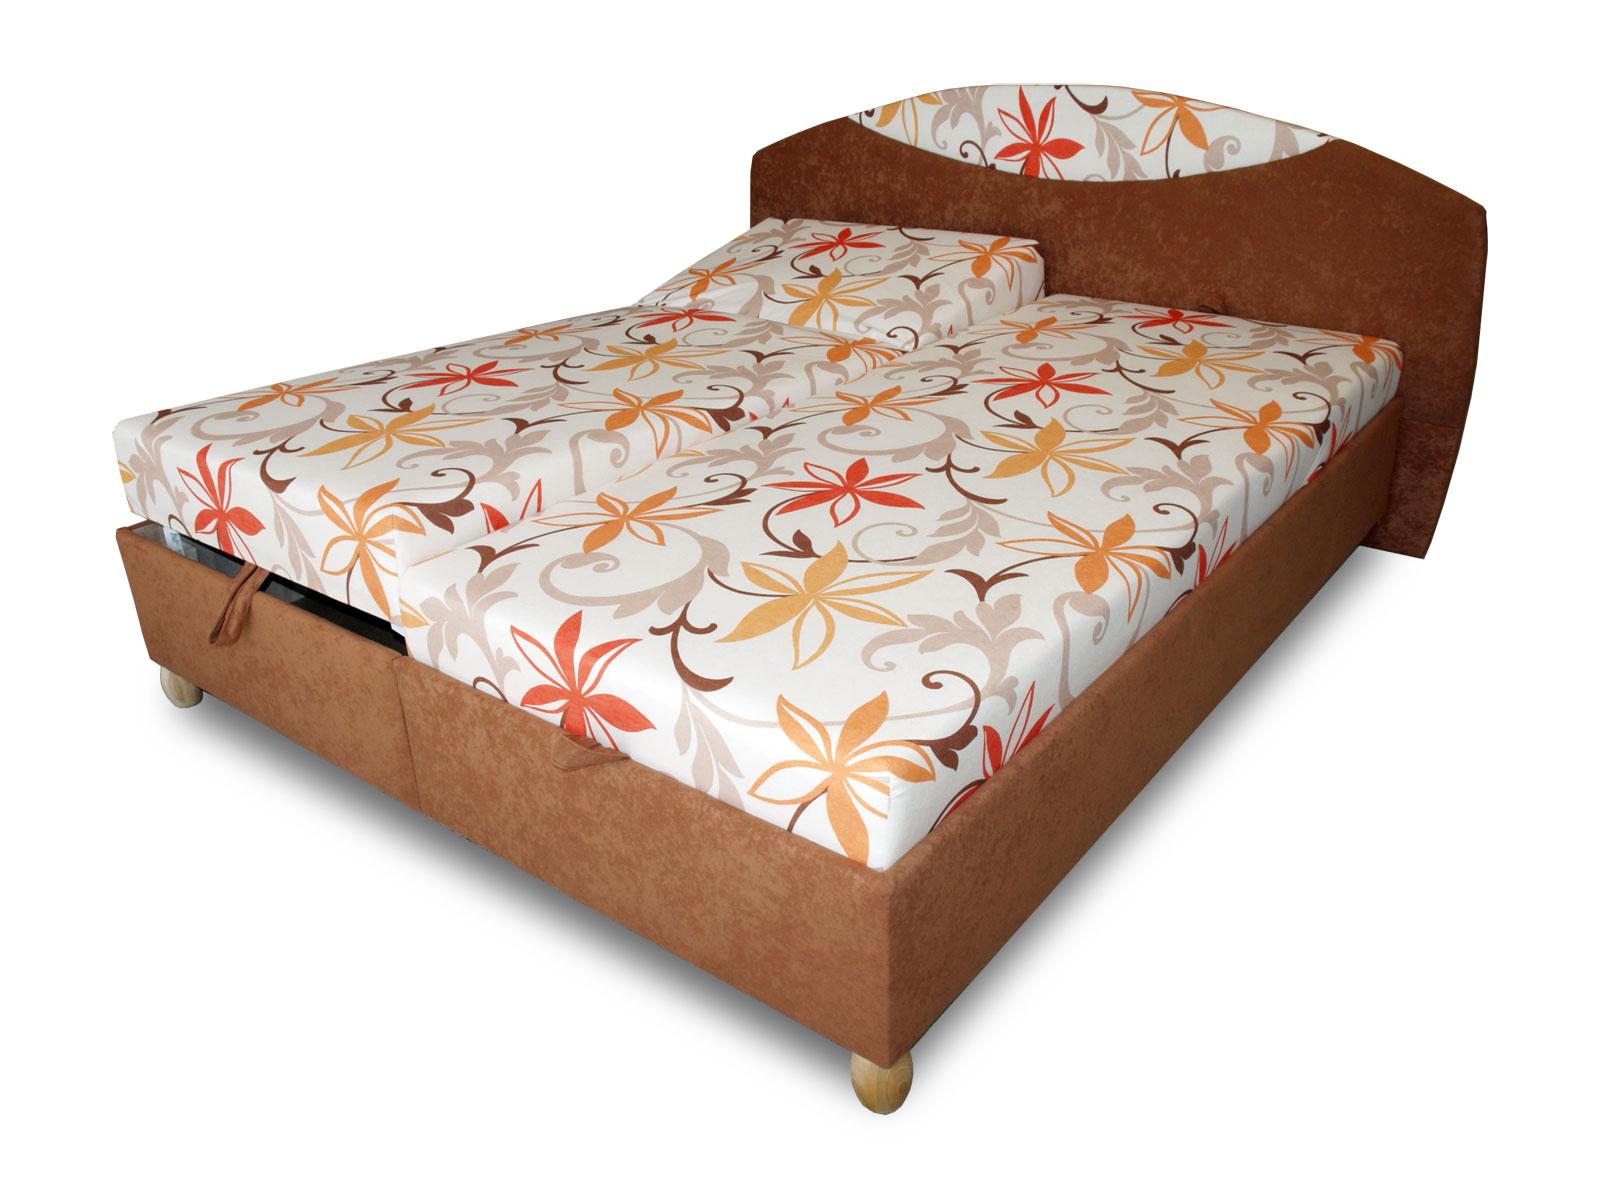 Manželská postel 160 cm - Benab - Famoza (s rošty a matracemi)